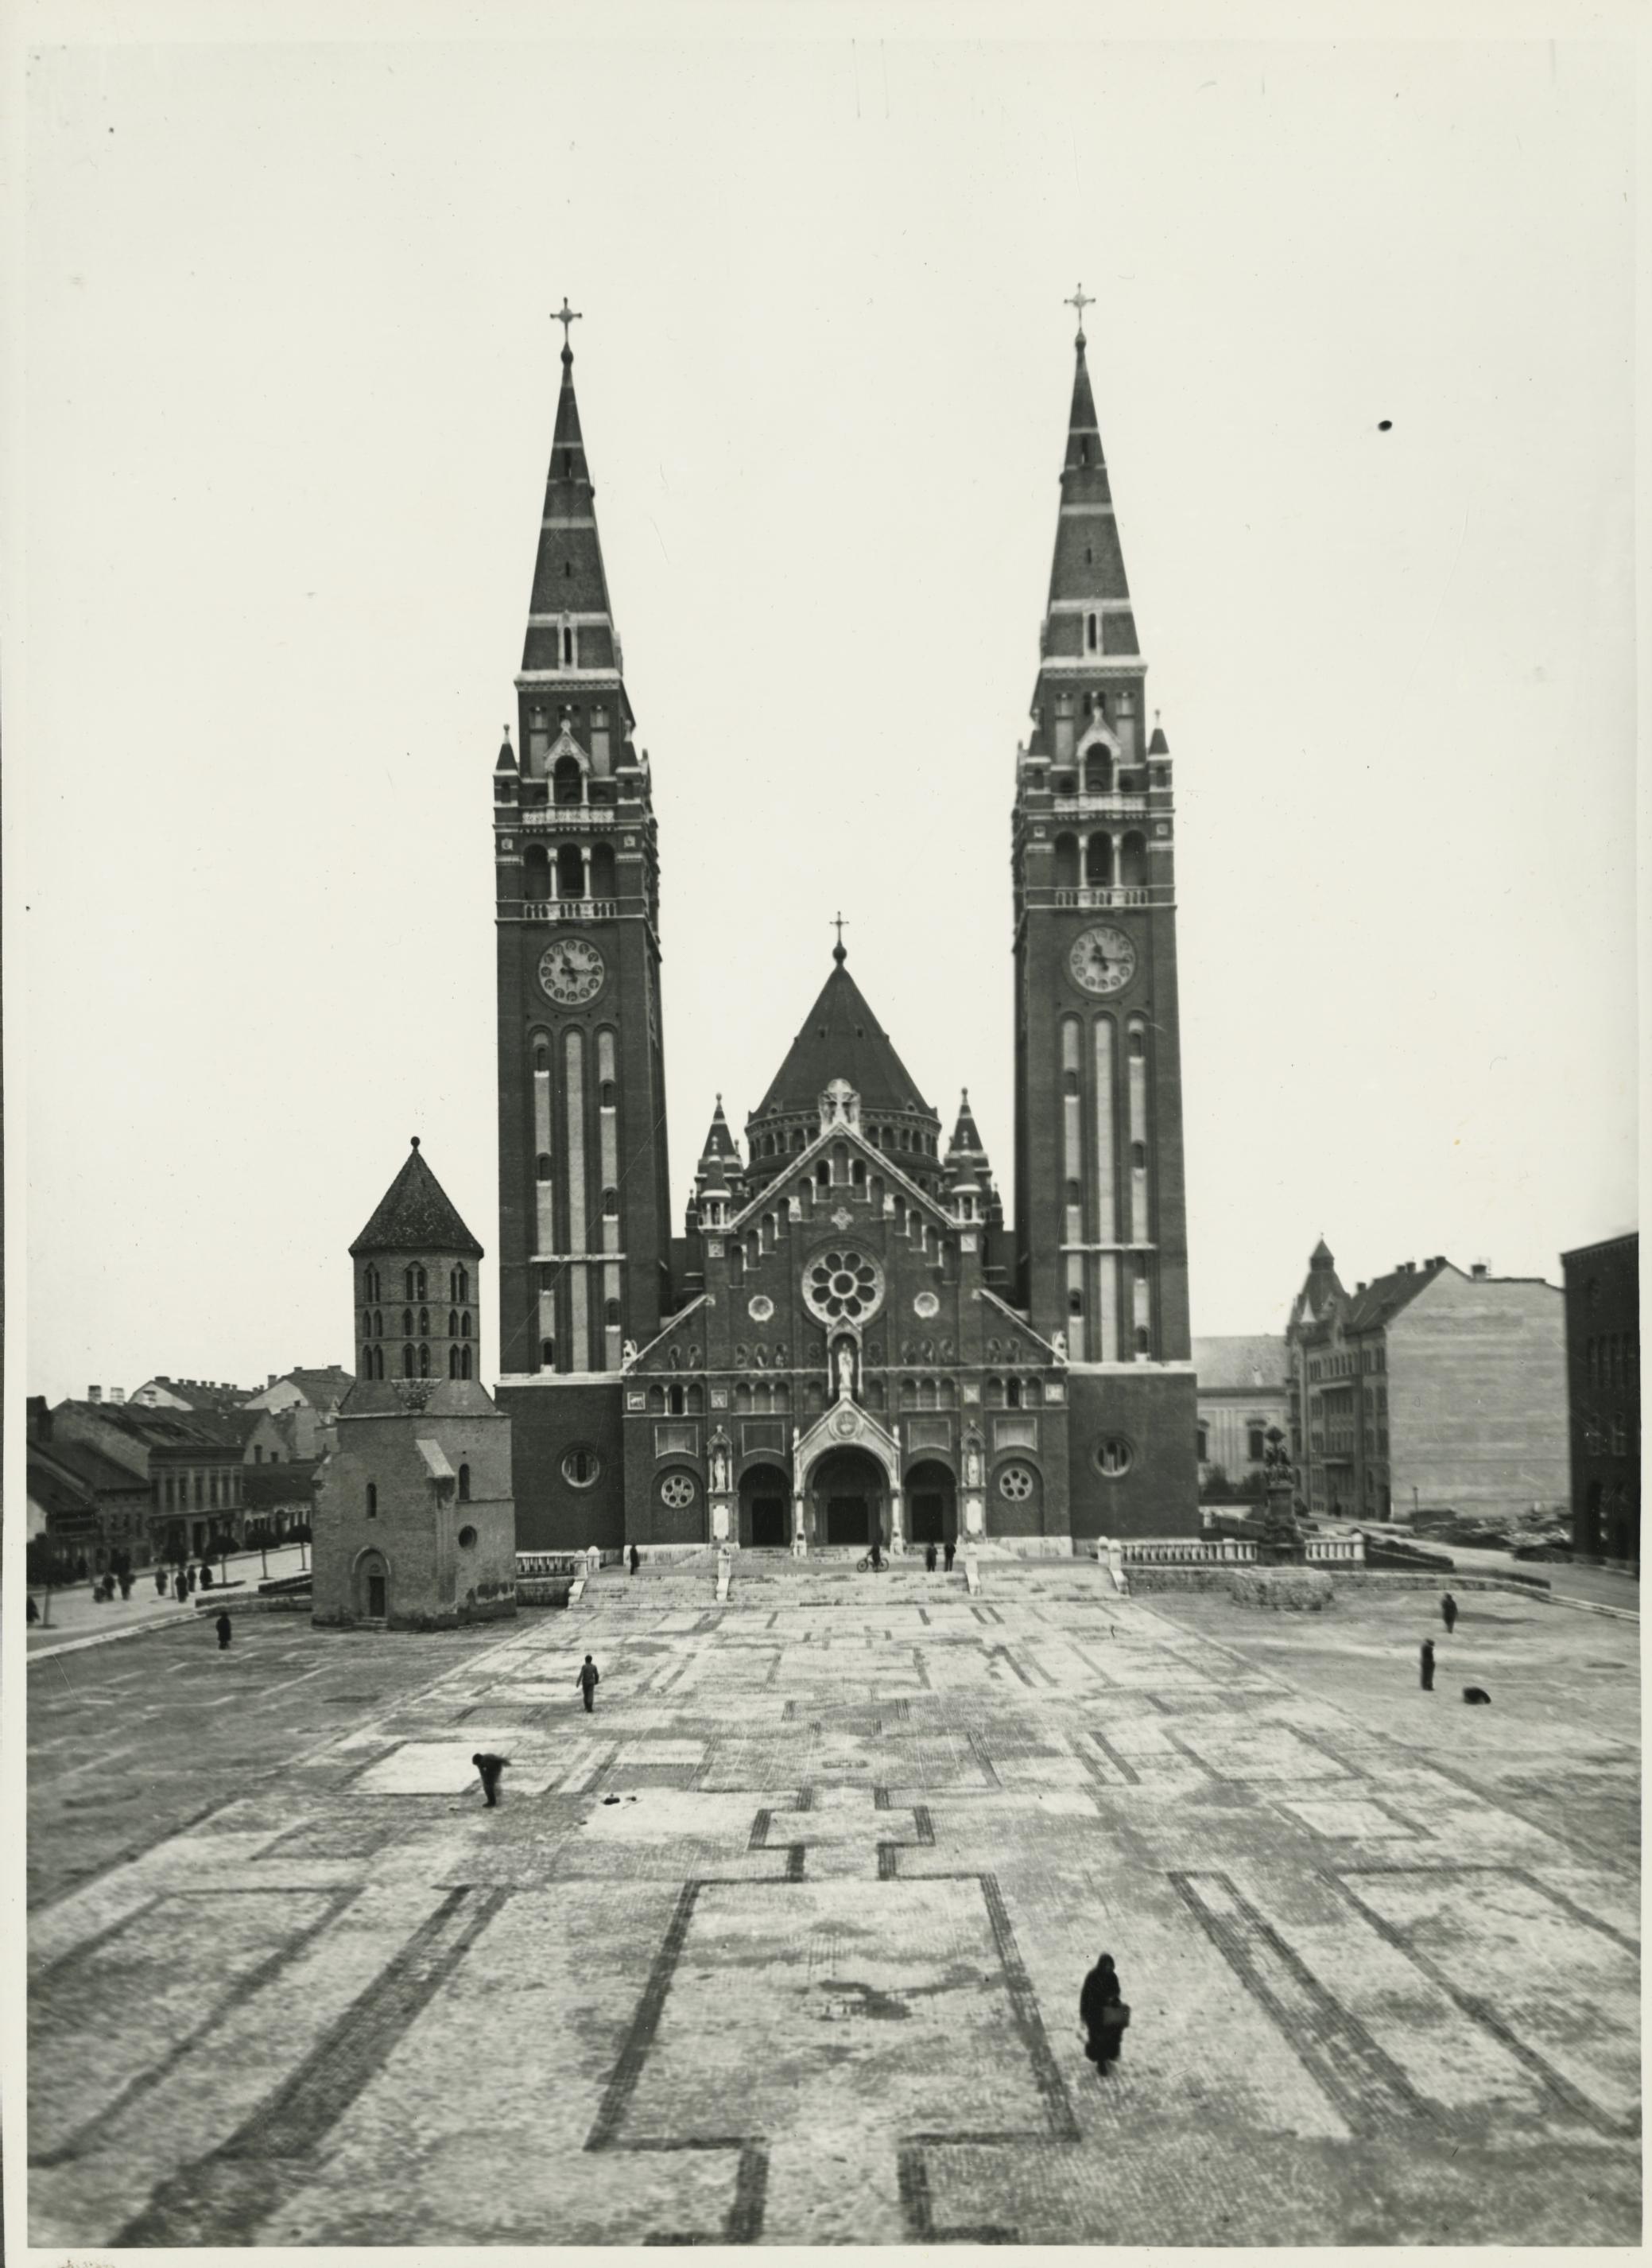 A szegedi Magyarok Nagyasszonya székesegyház (szegedi dóm)